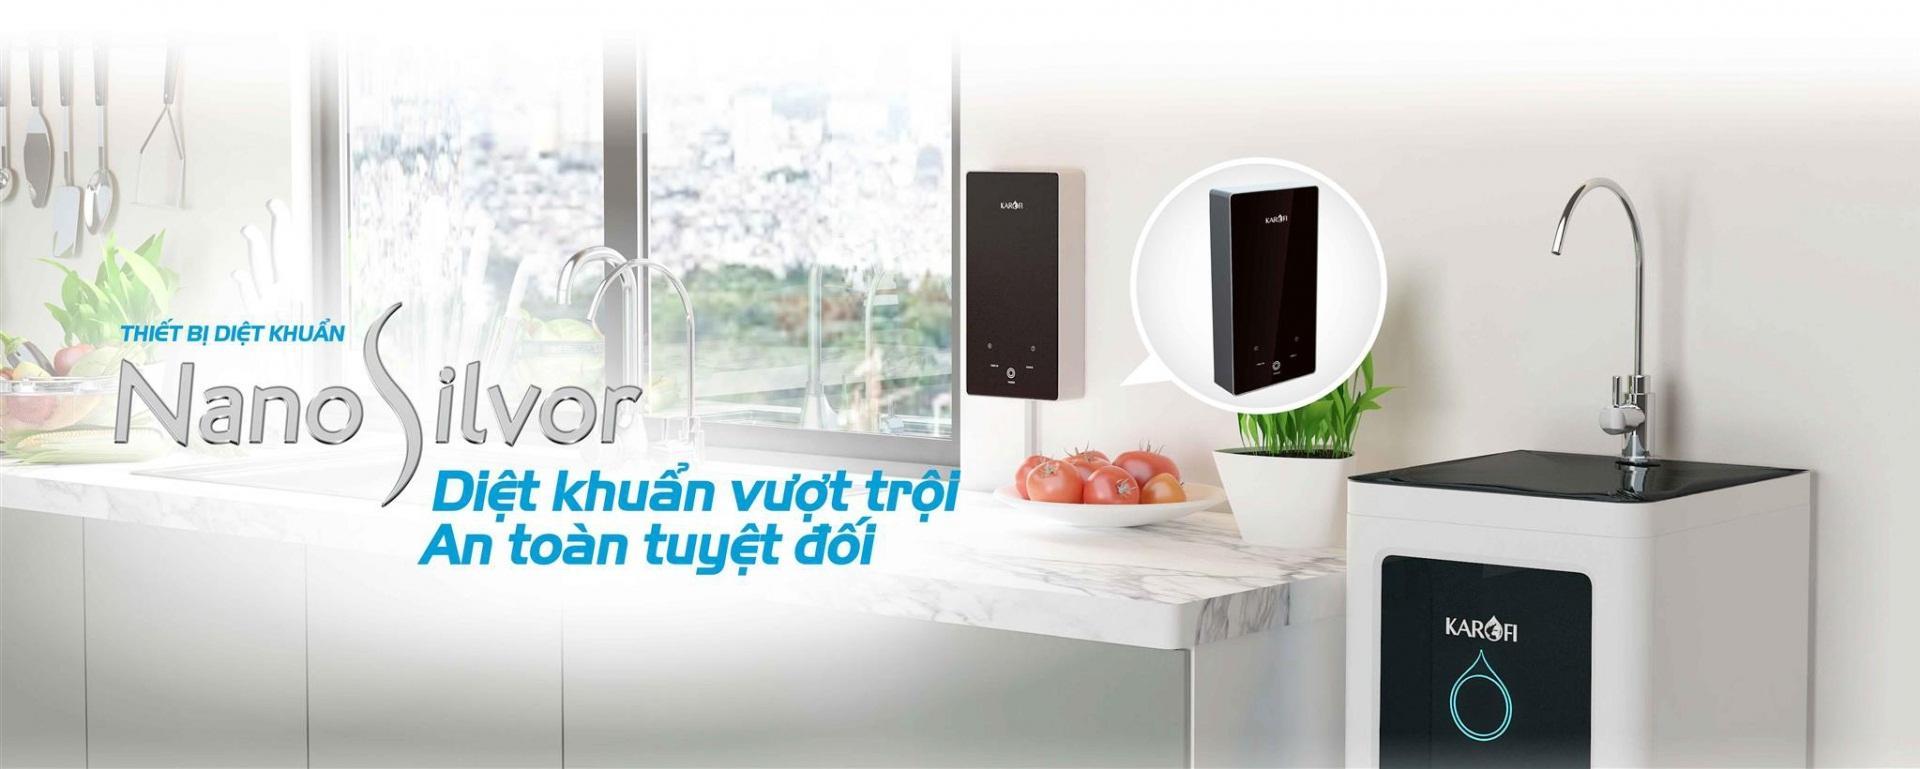 Sản phẩm tin cậy cho người Việt